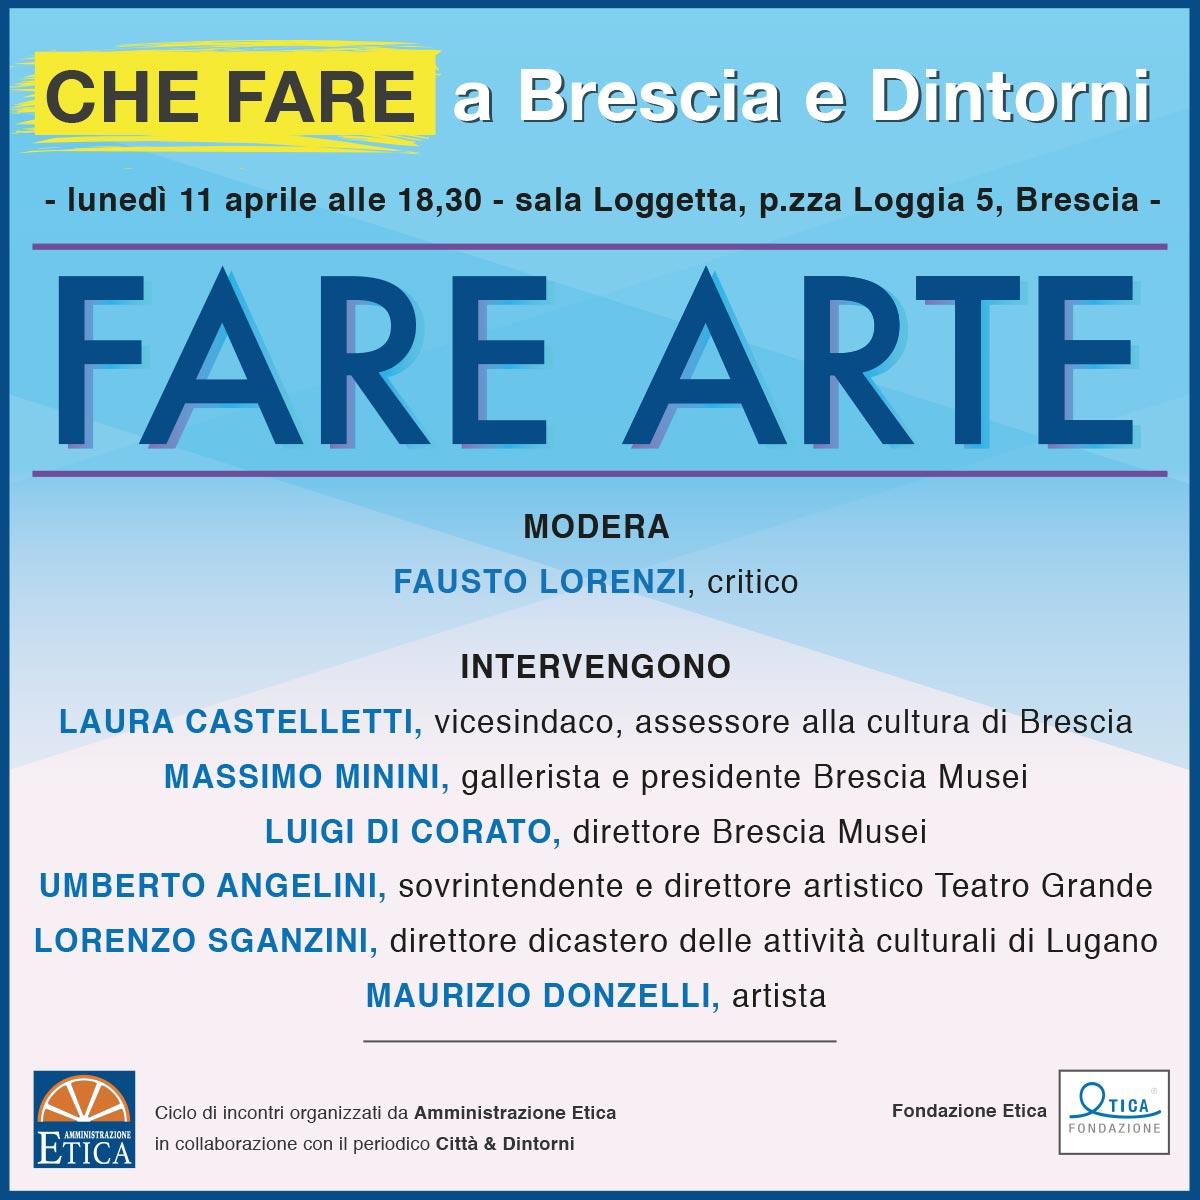 FareArte